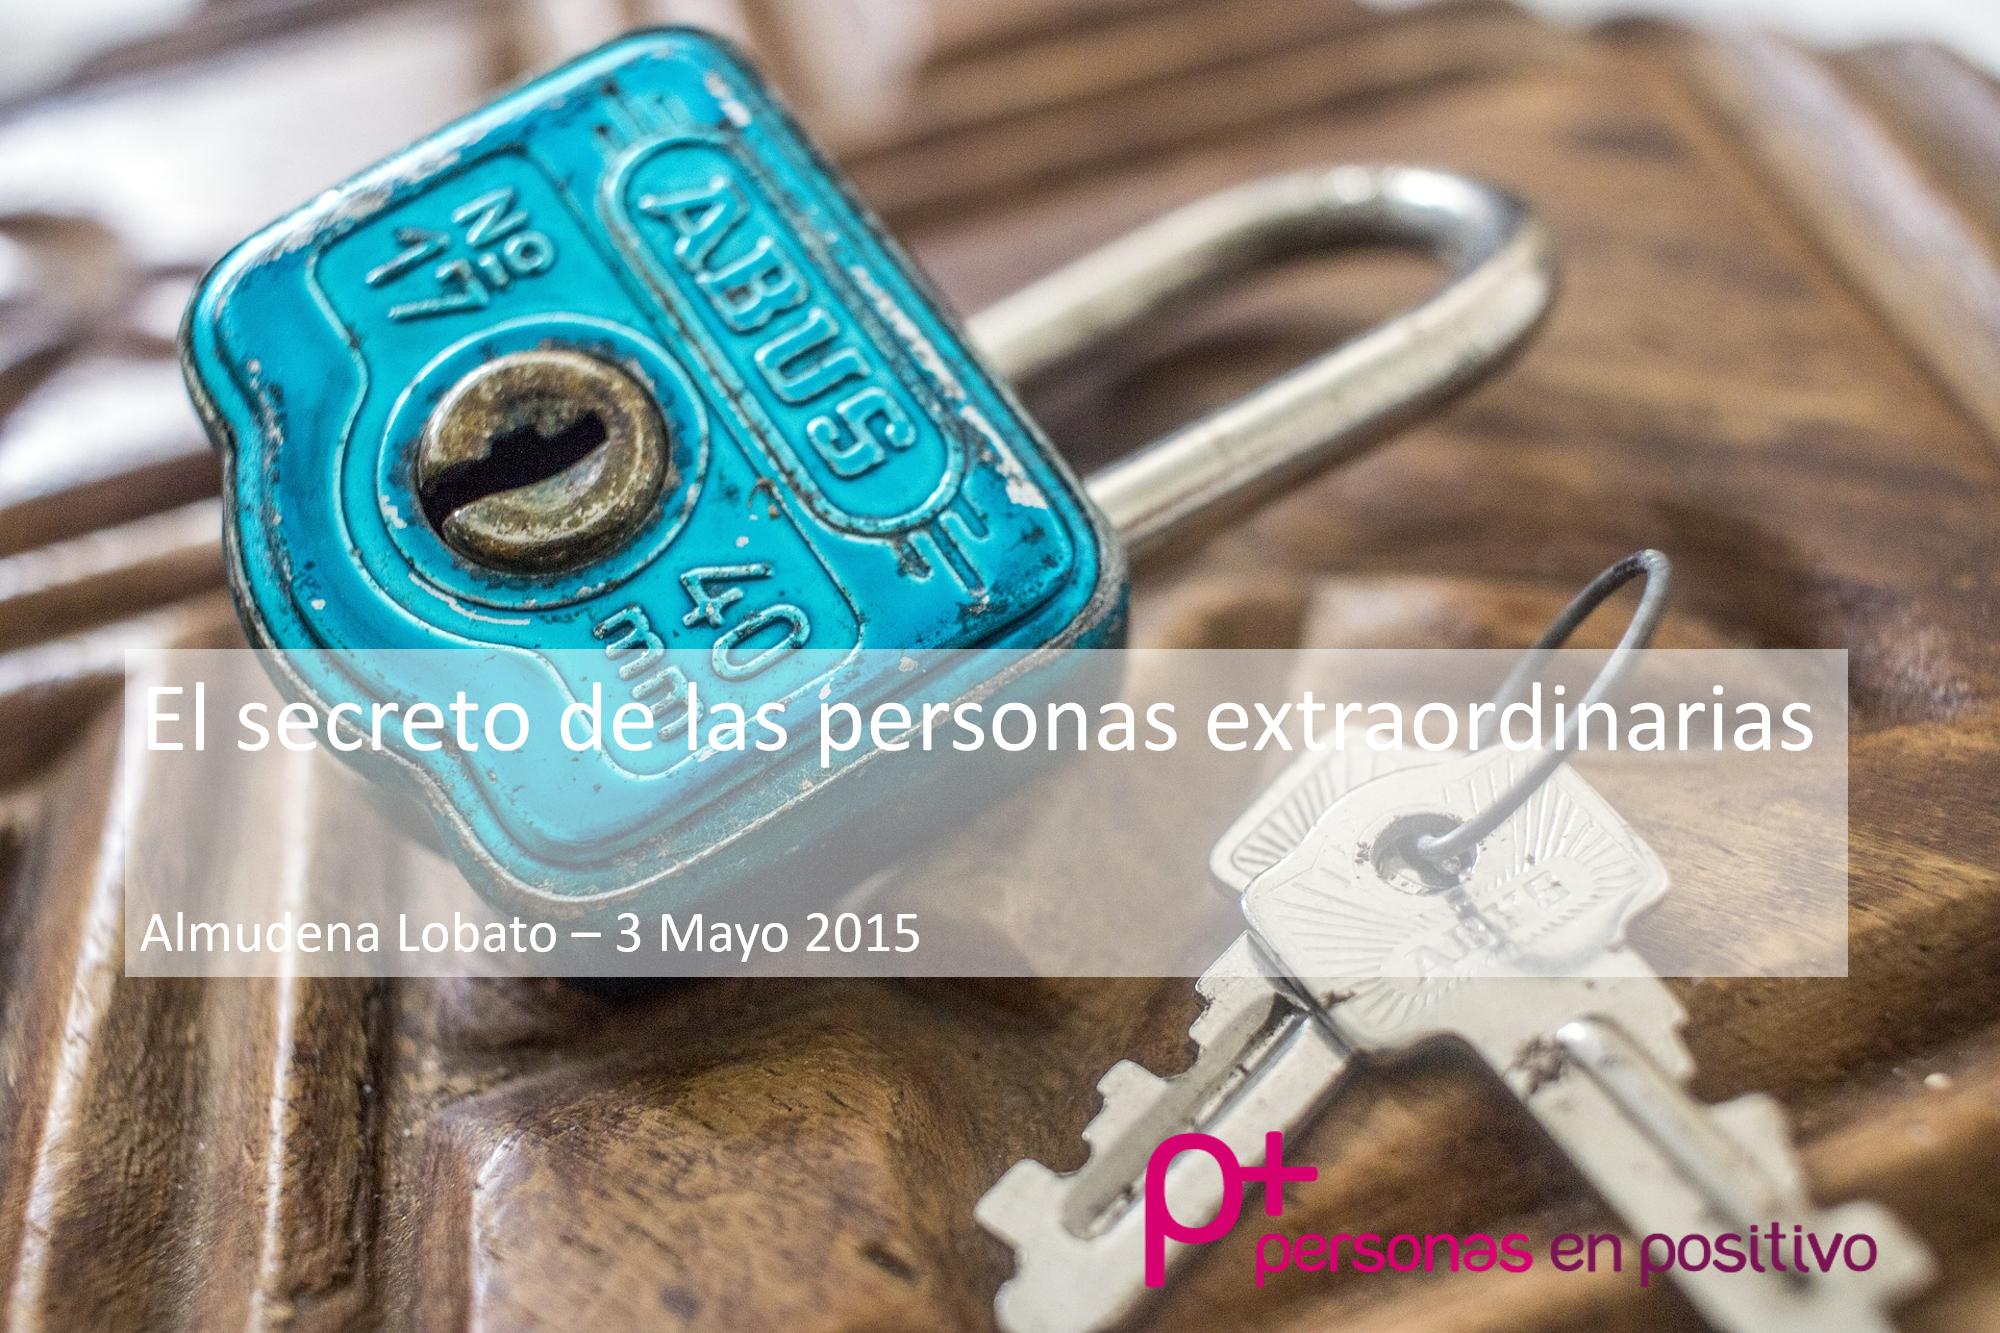 El secreto de las personas extraordinarias